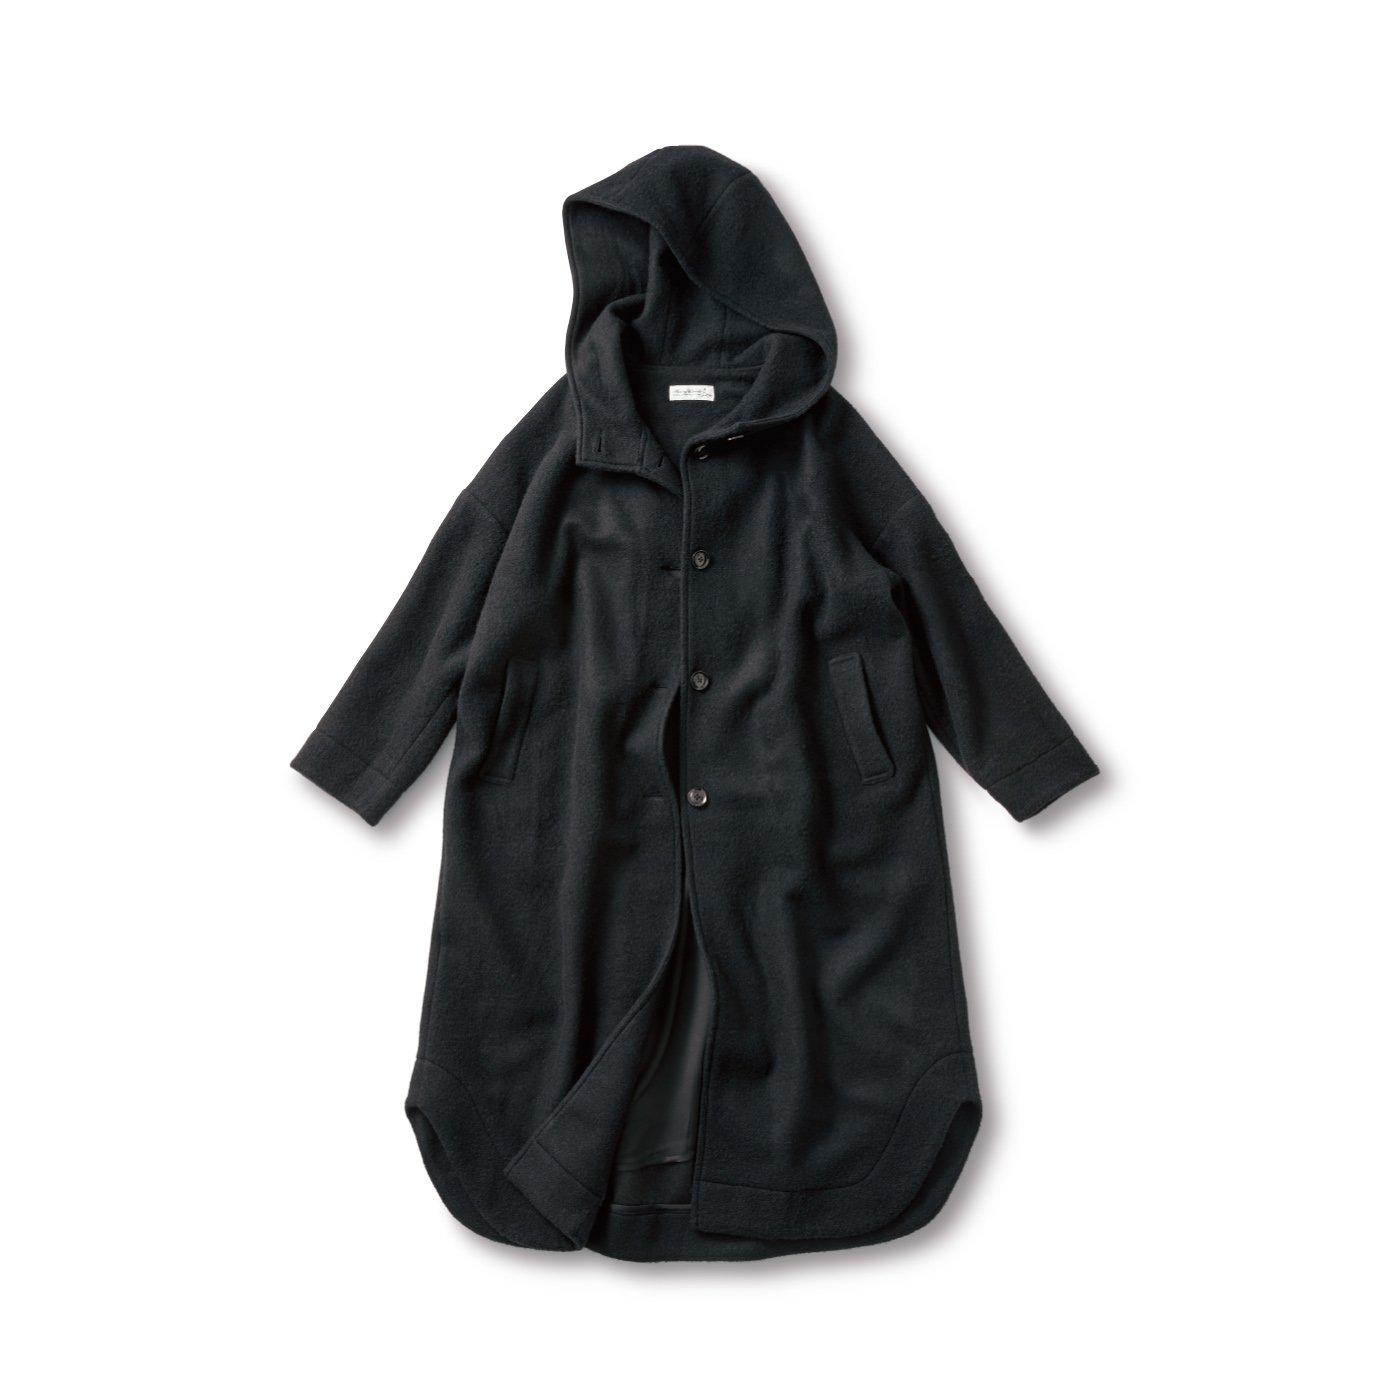 SUNNY CLOUDS 魔女のマントコート〈レディース〉